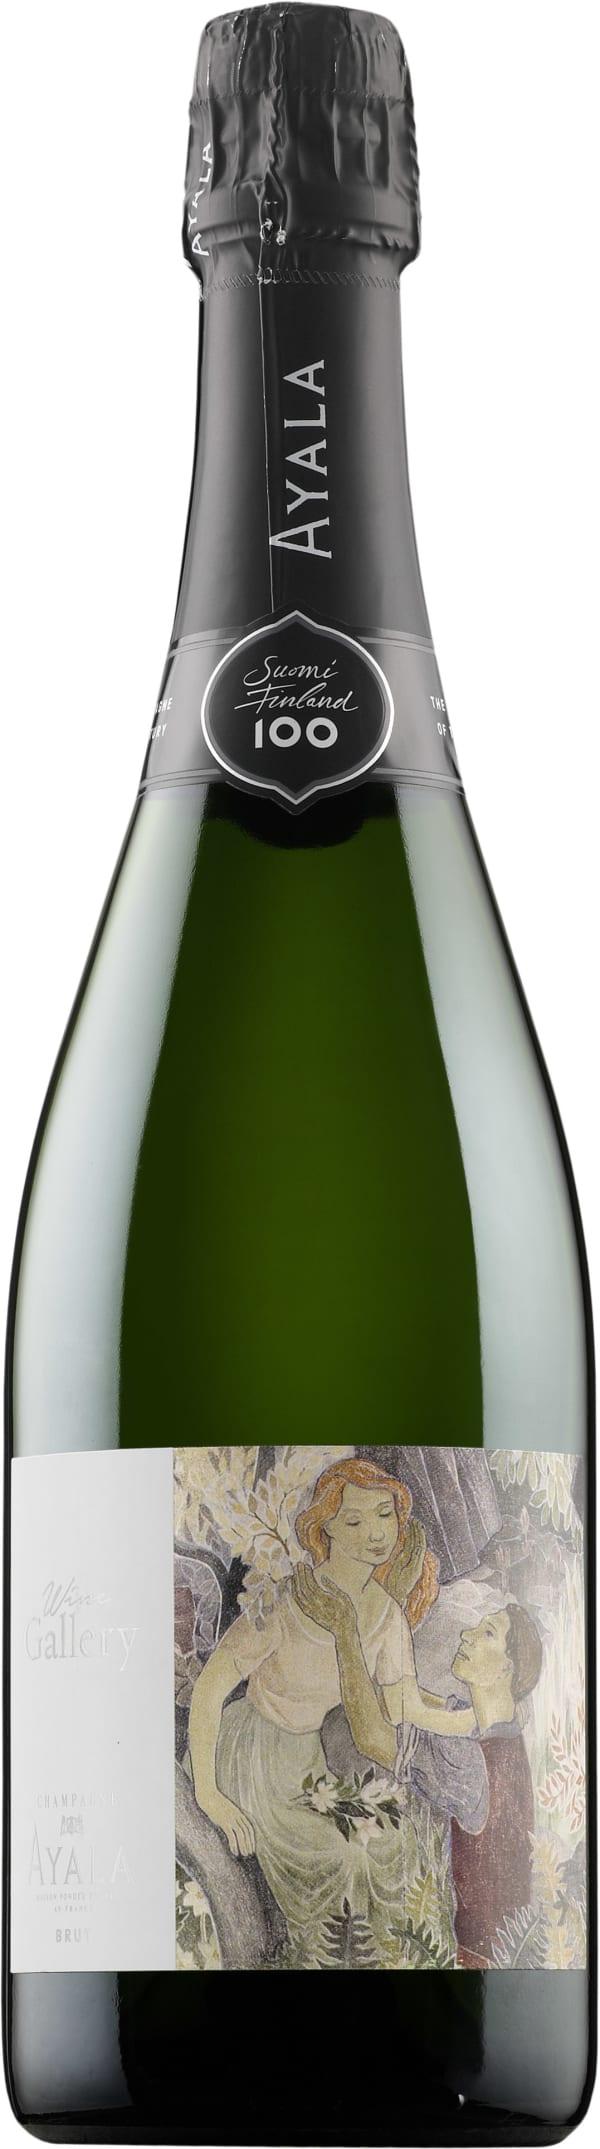 Wine Gallery Suomi Finland 100 Champagne Brut